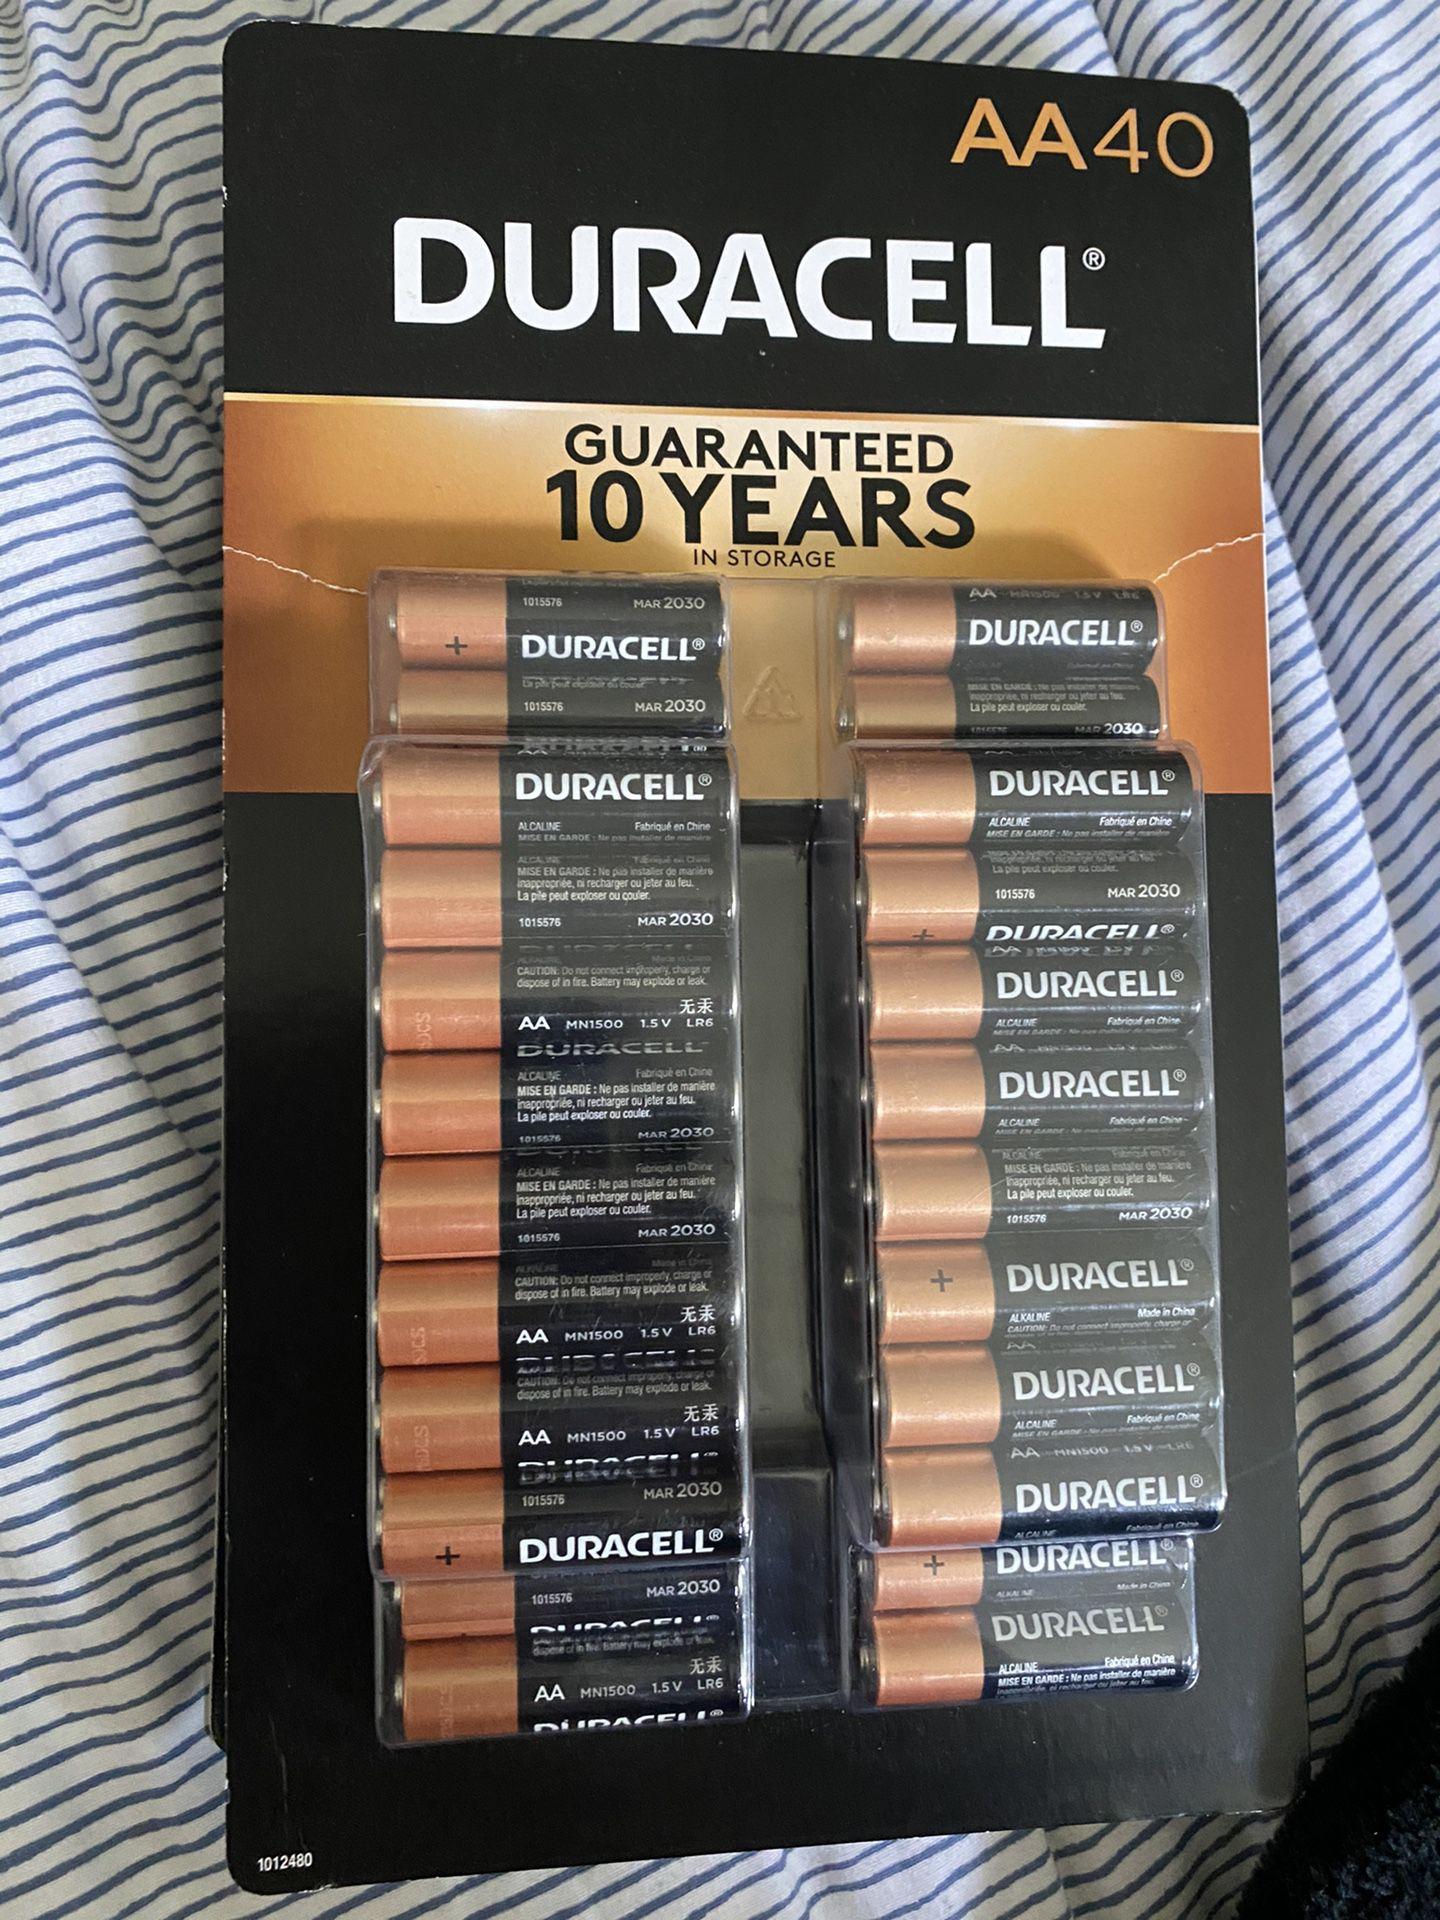 Duracell AA540 Batteries